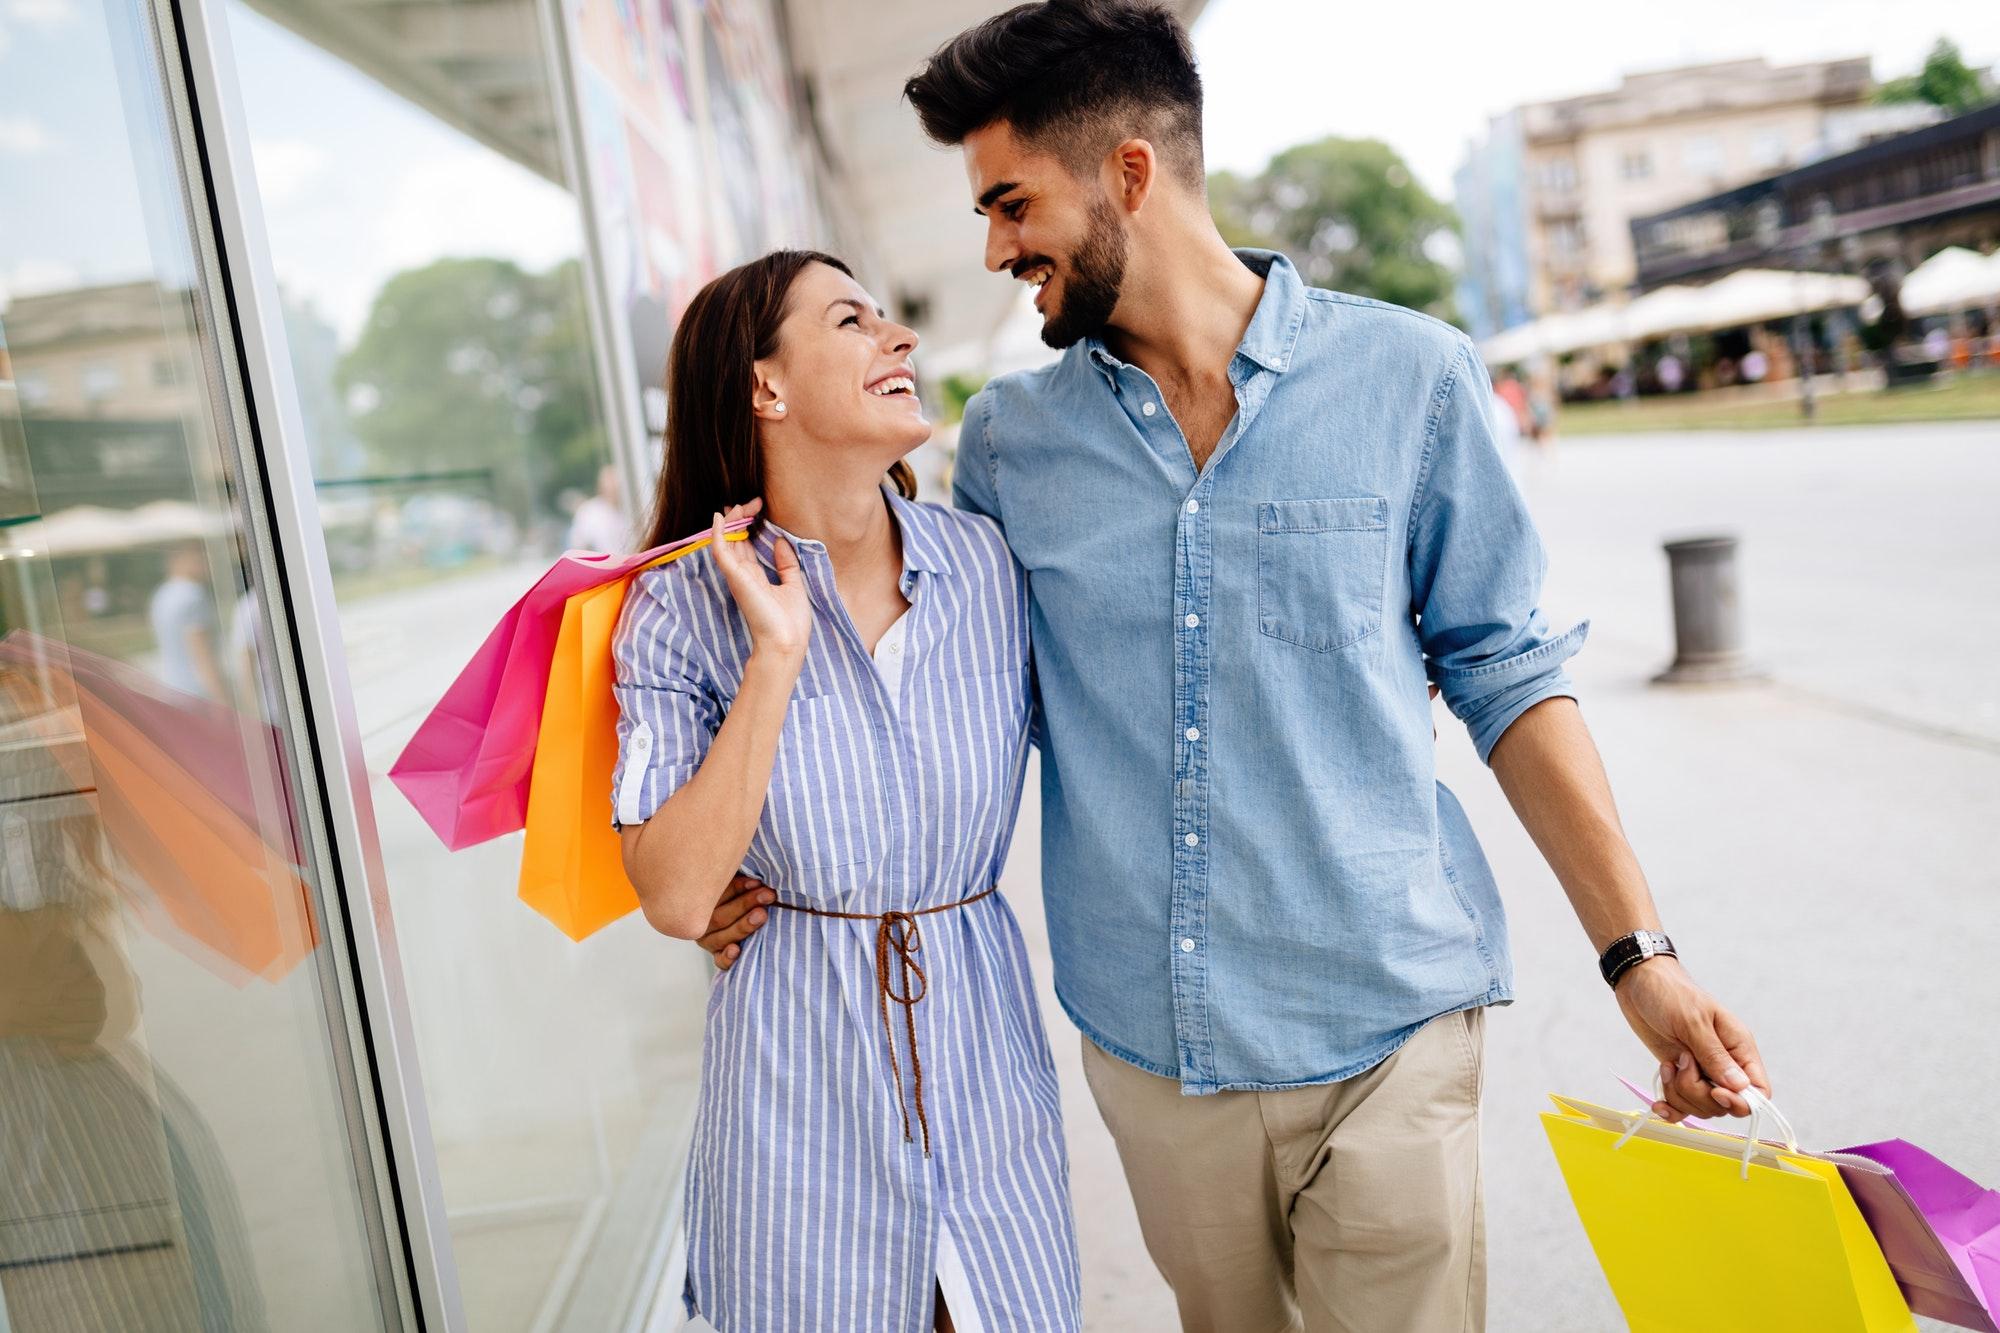 מתנה לבן זוג – שלוש הצעות מקוריות במחיר מצחיק